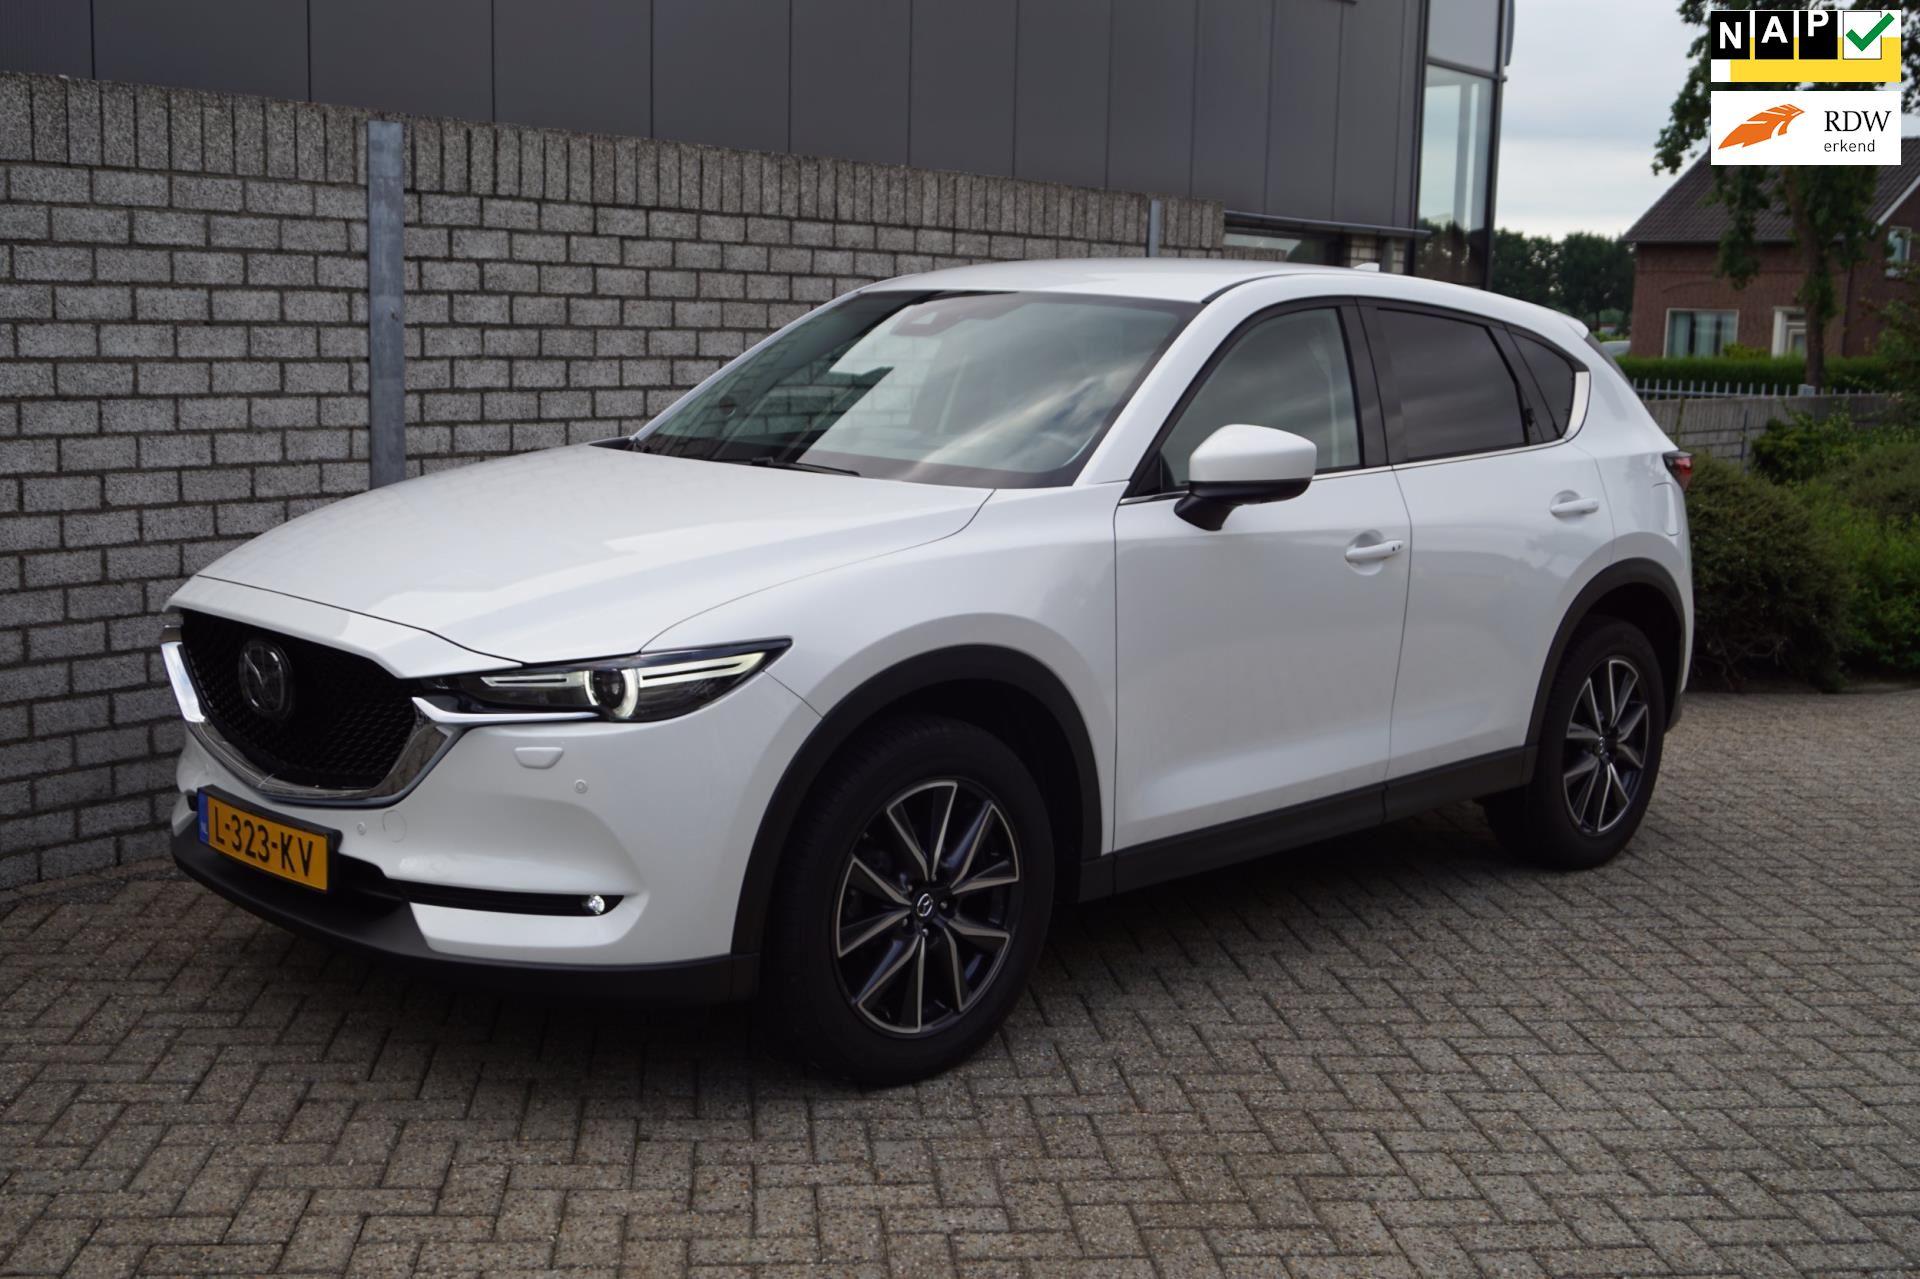 Mazda CX-5 occasion - Autobedrijf H. Wijdeven V.o.f.